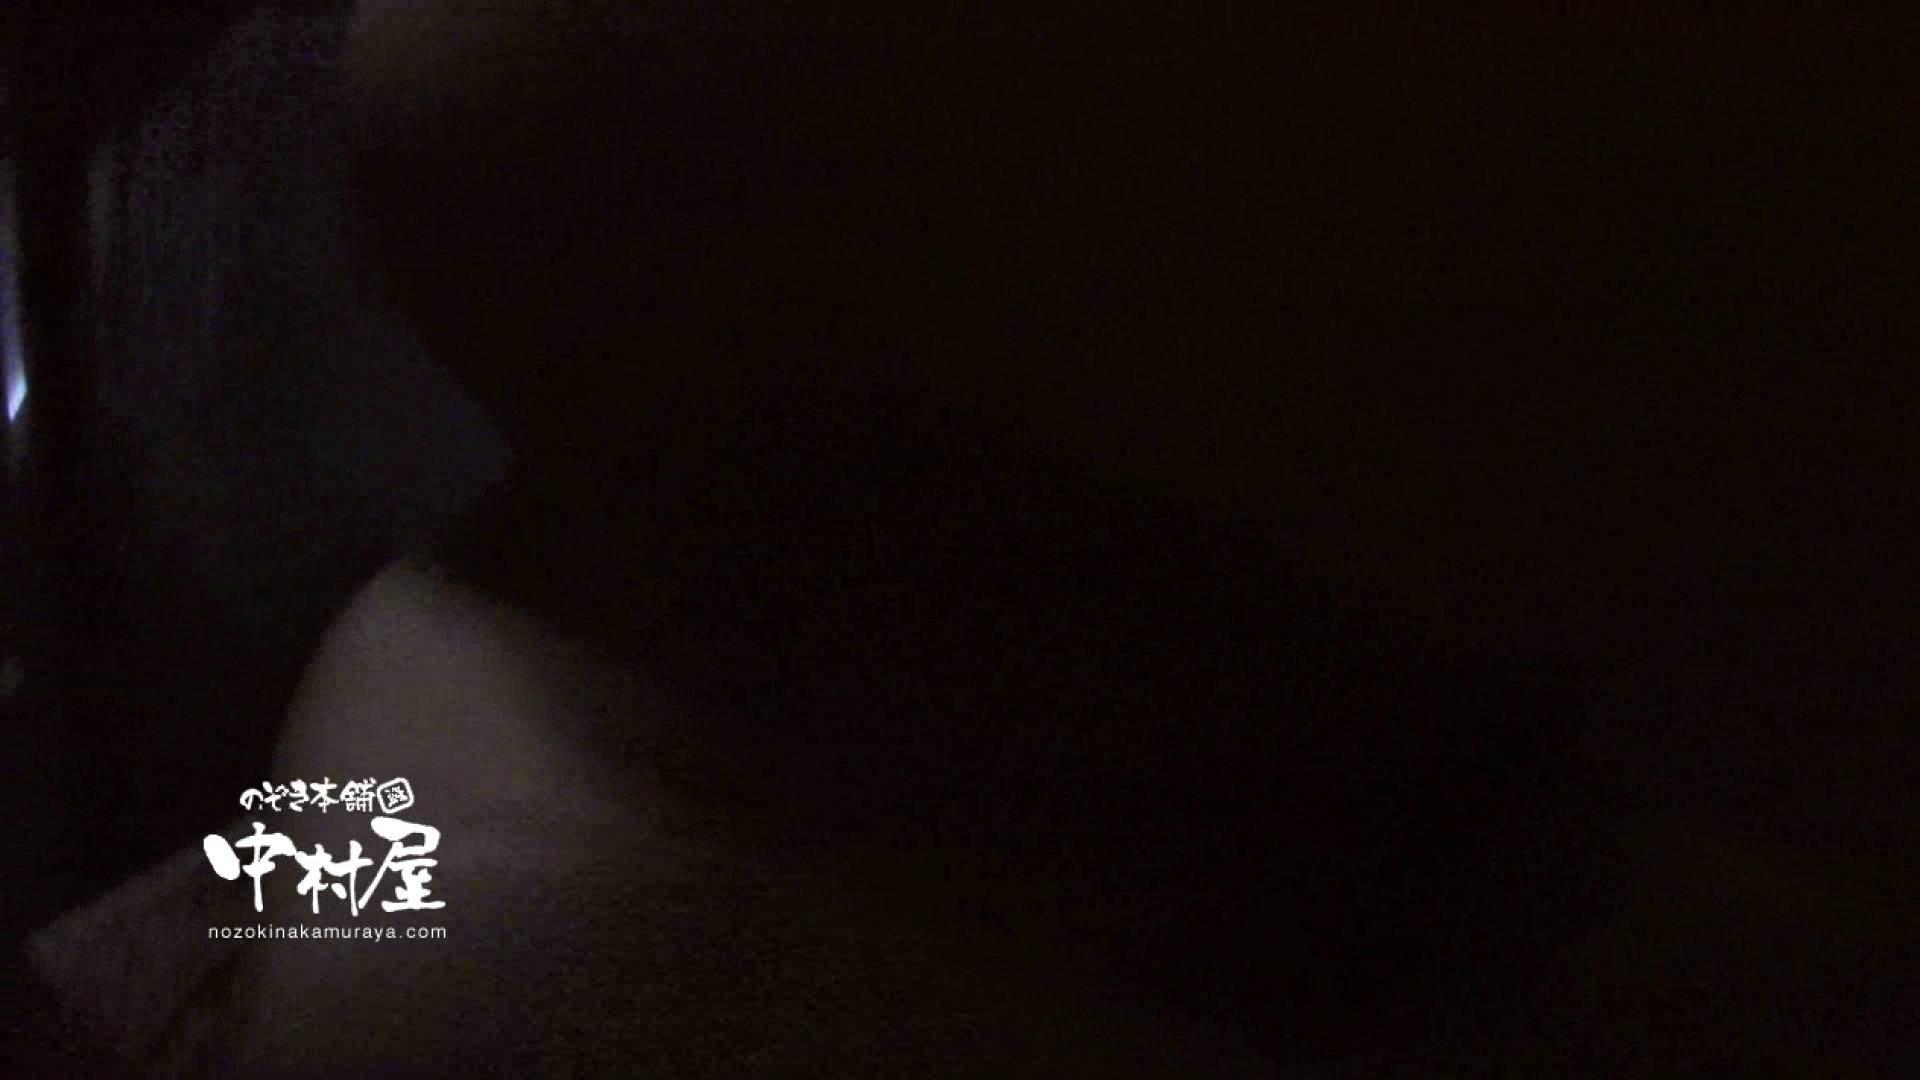 鬼畜 vol.10 あぁ無情…中出しパイパン! 前編 中出し | パイパン  101連発 65